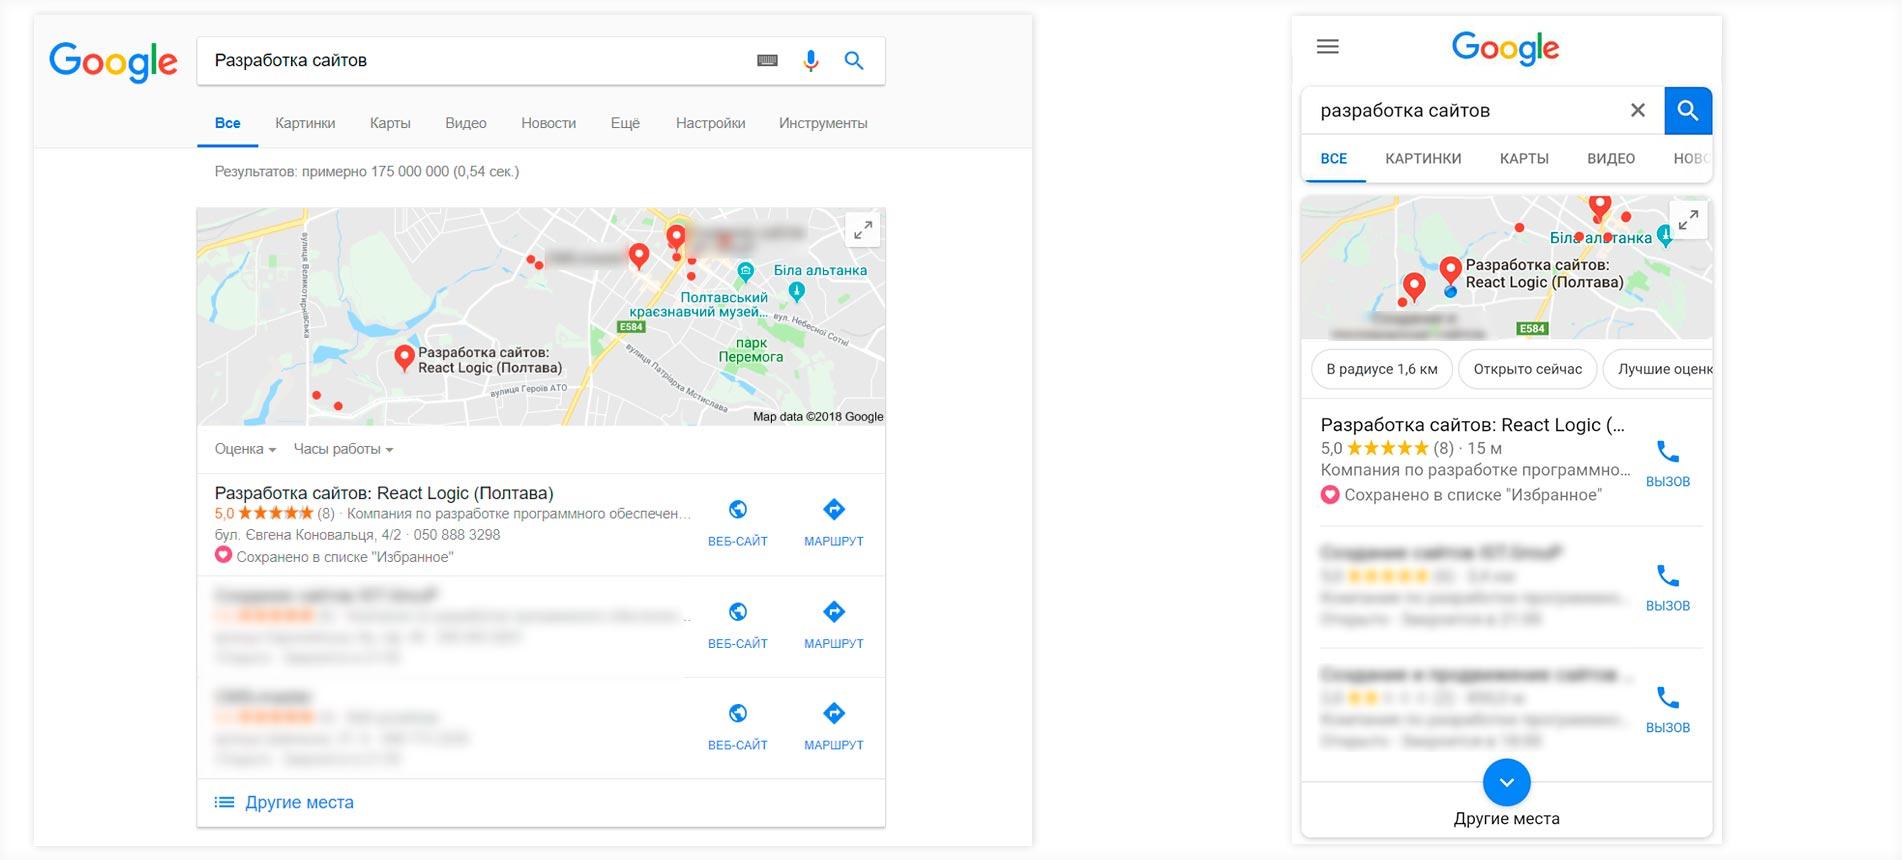 Google Мой бизнес в SEO